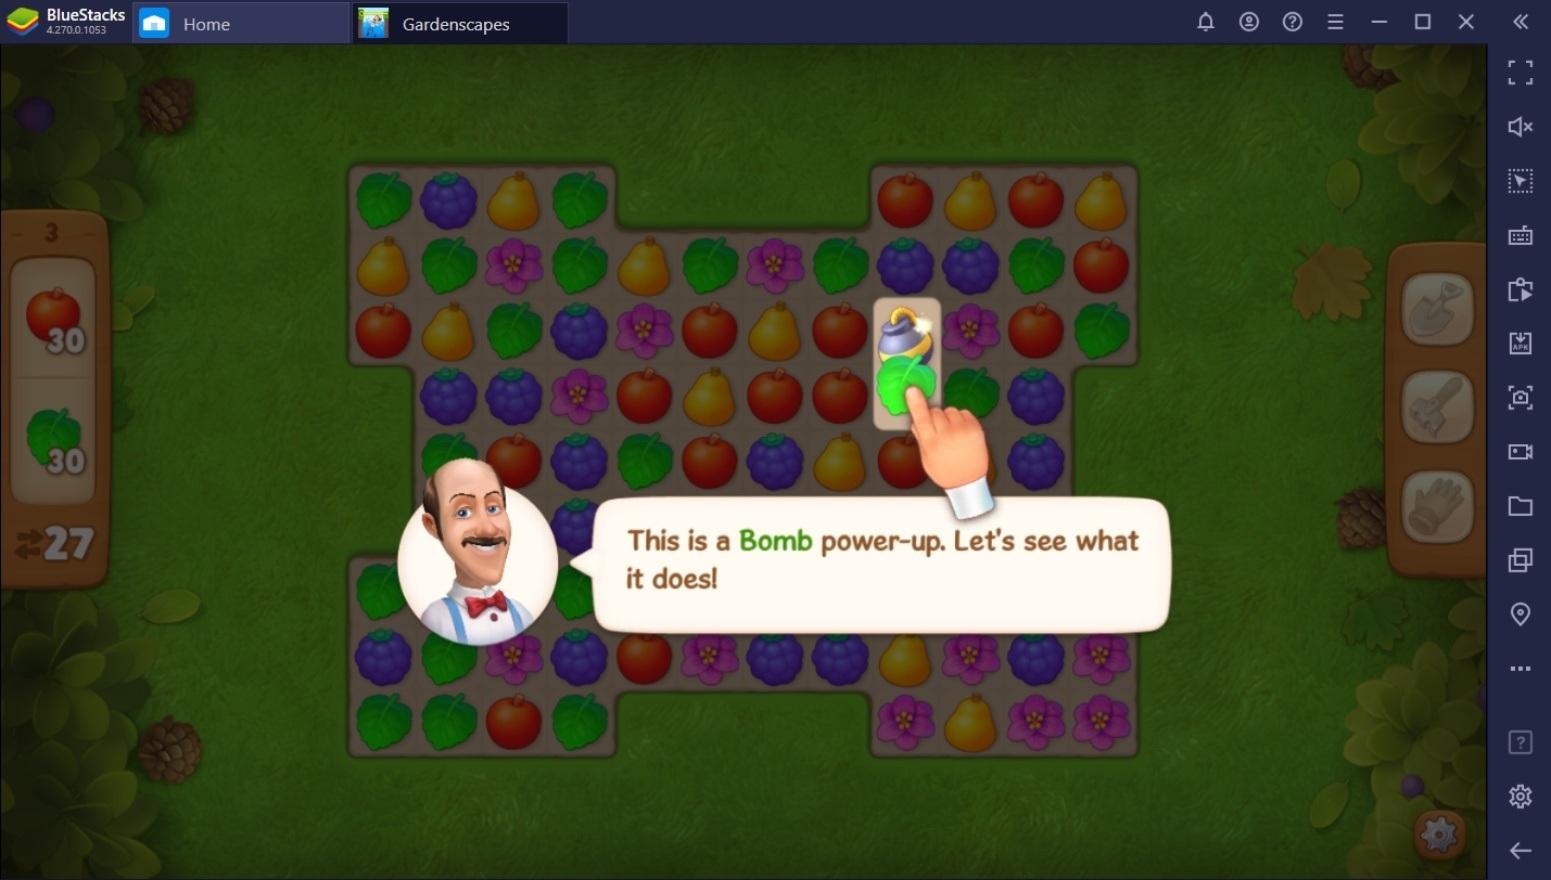 أفضل طريقة لاستخدام الأدوات ووحدات الطاقة في لعبة Gardenscapes